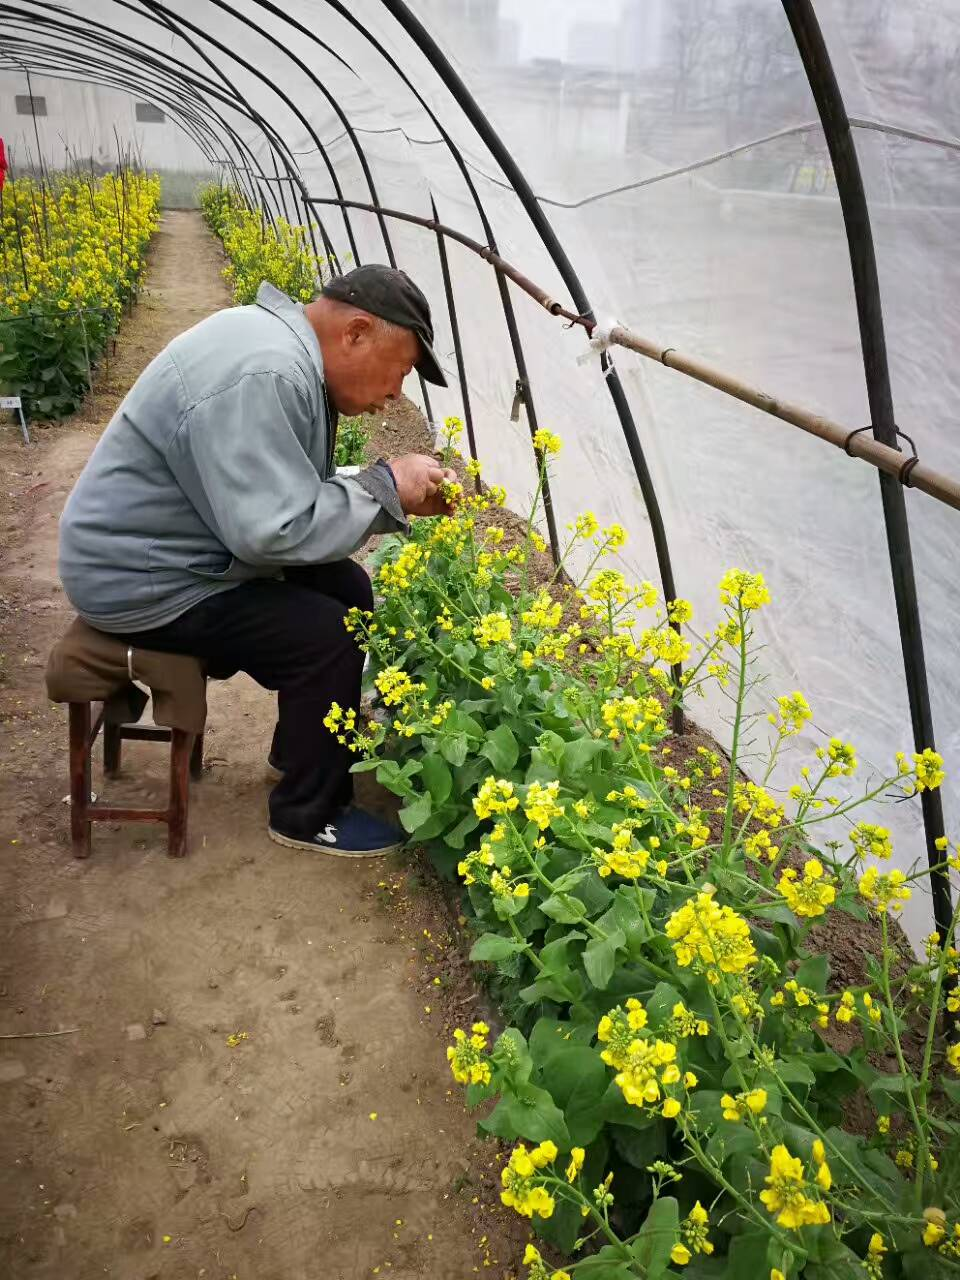 大白菜育种专家八十五岁高龄的宋保琳老师毅然致力于育种工作